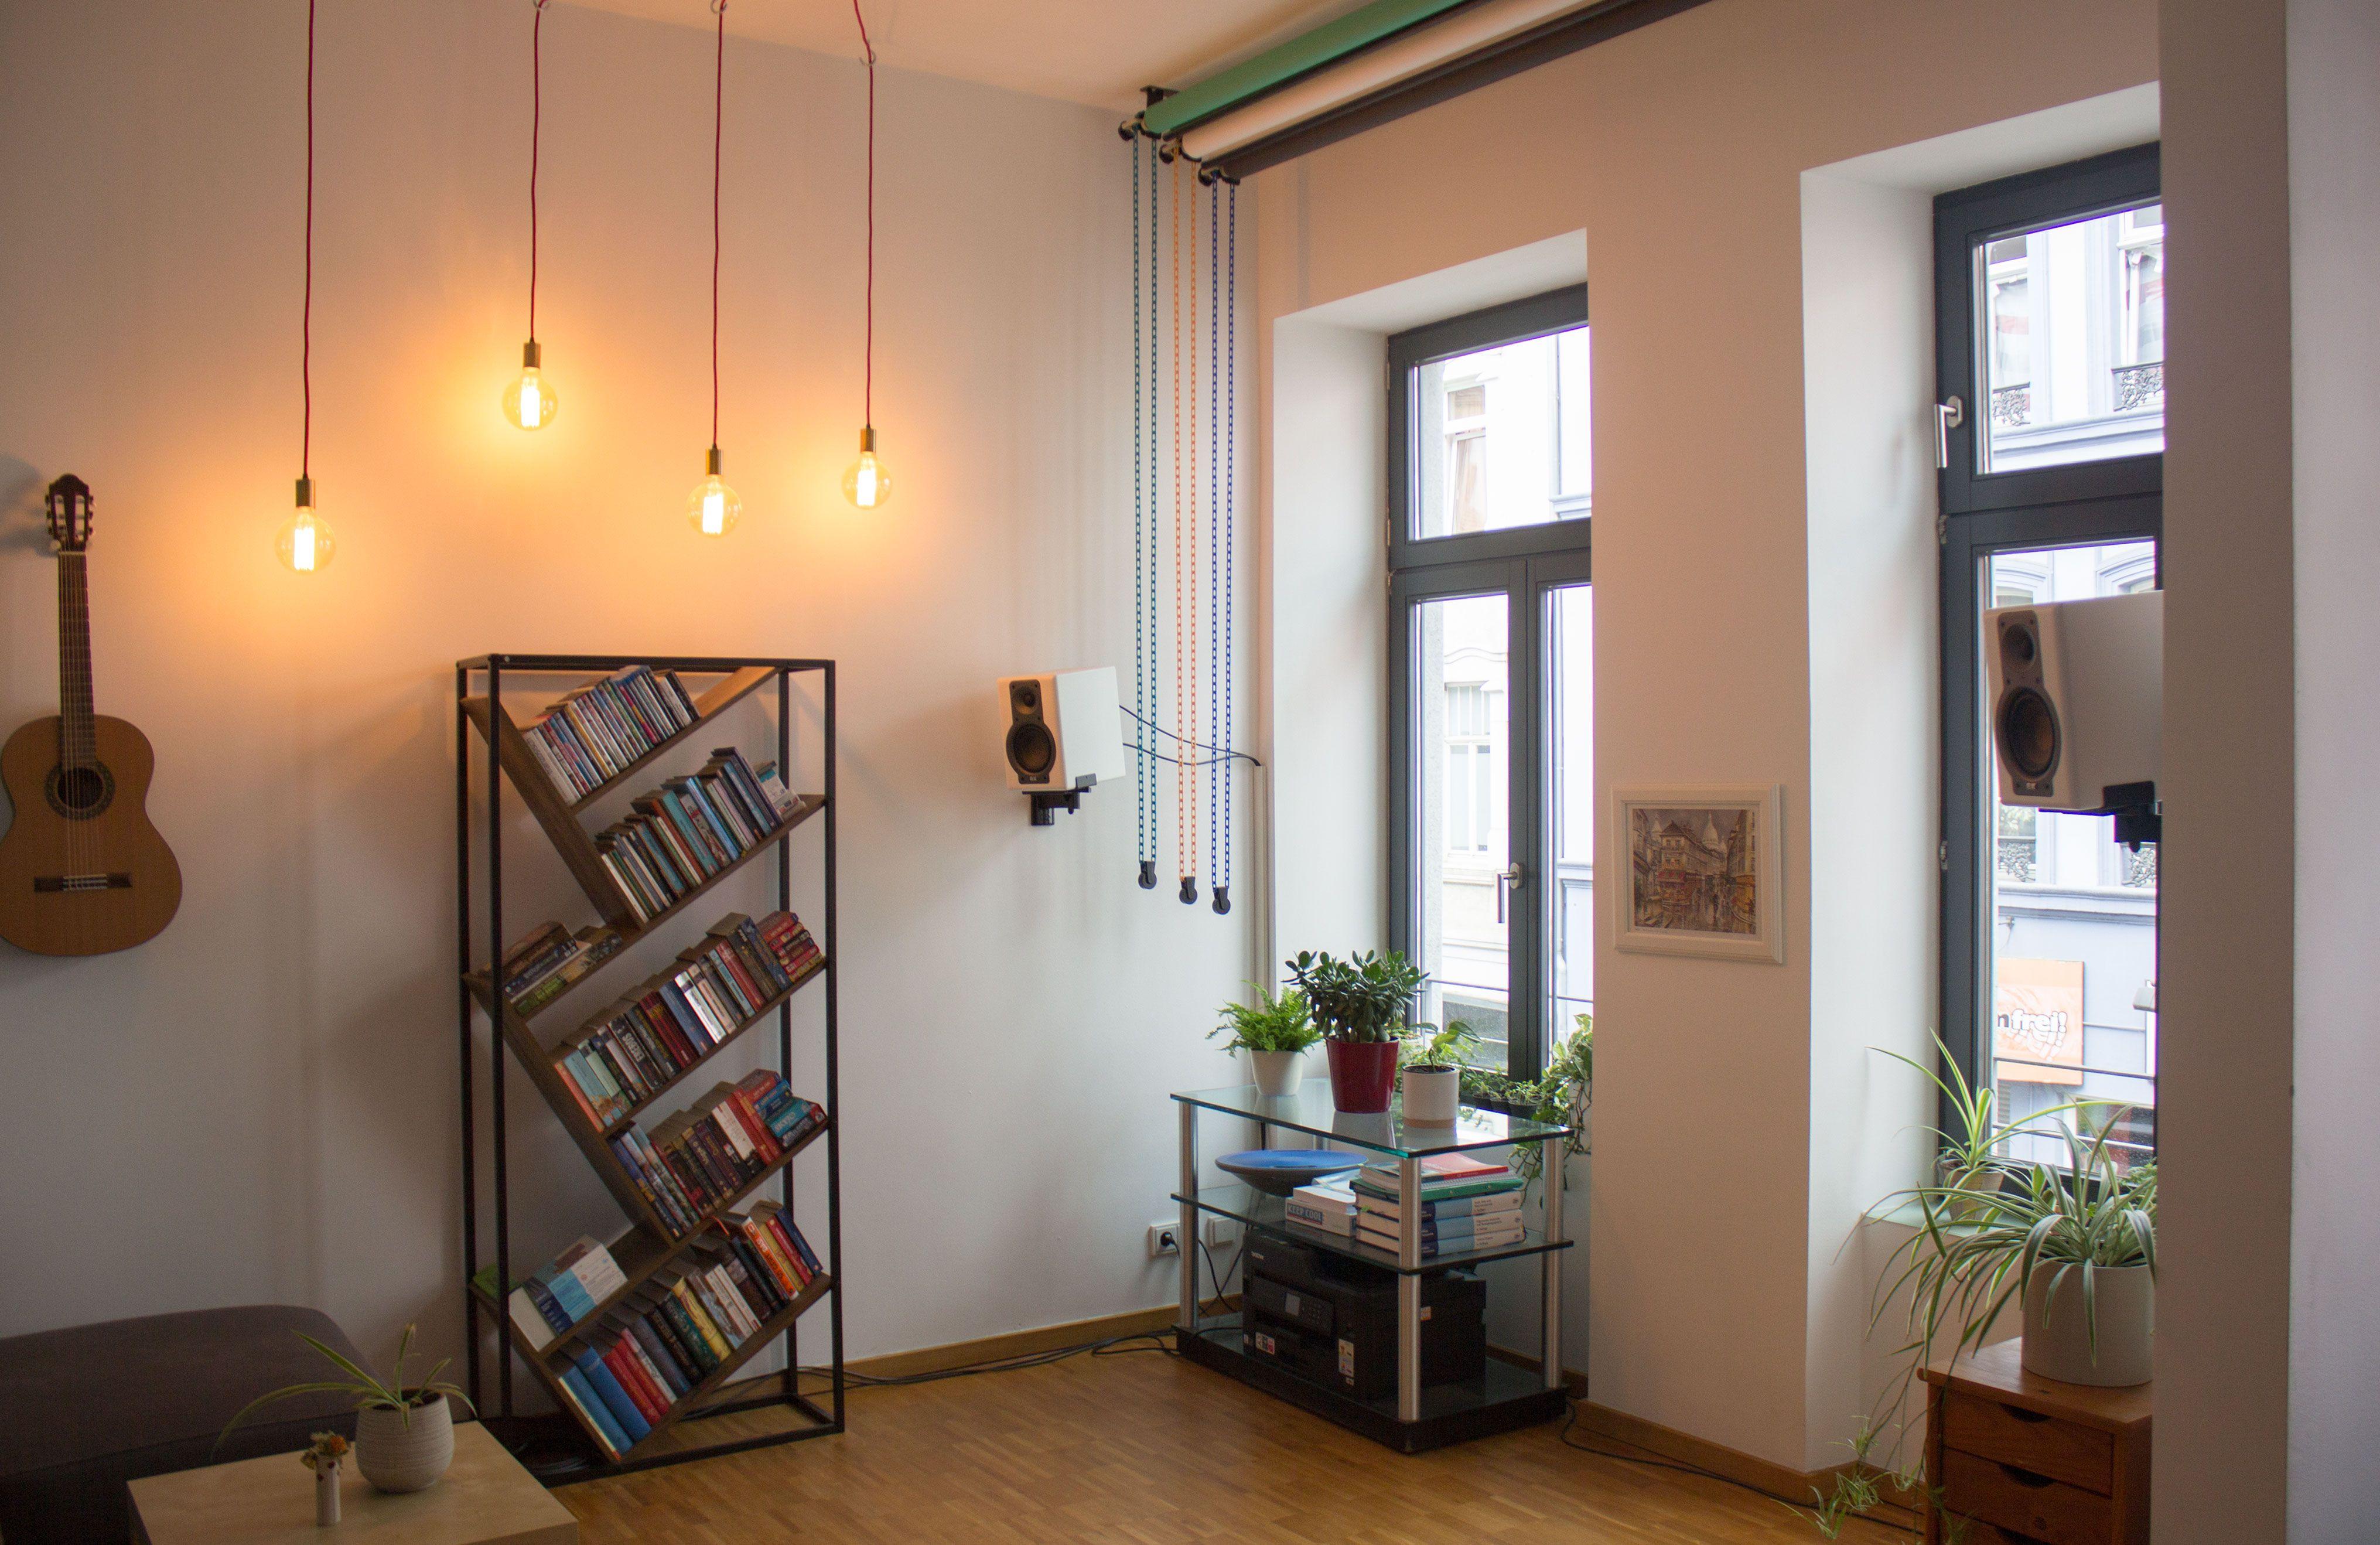 Hohe Decken, riesige Fenster, moderner IndustrialStyle.